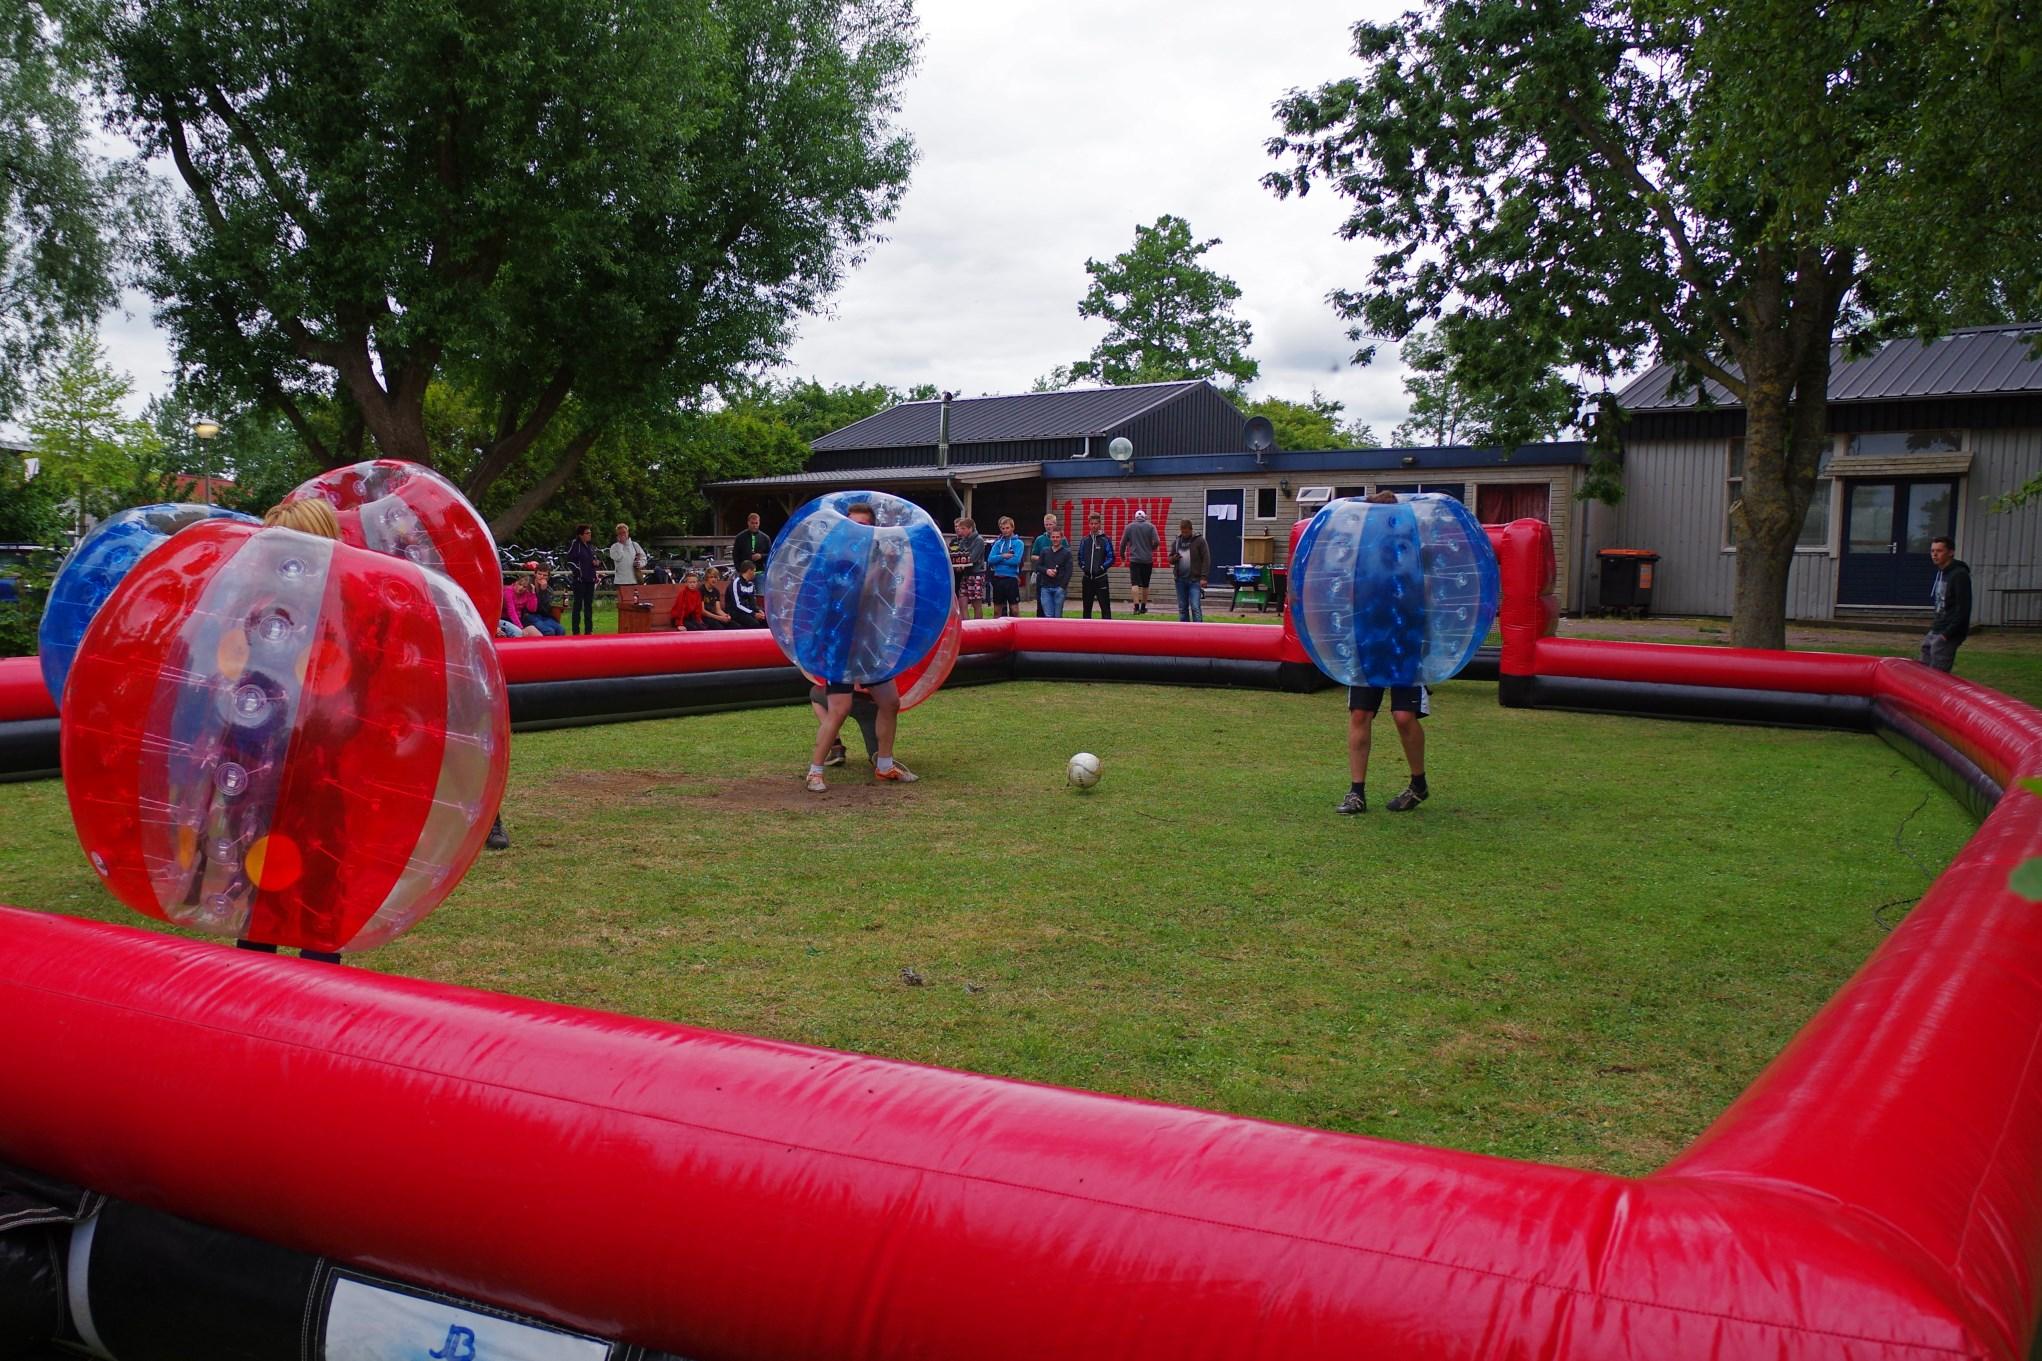 Bublle voetbal bij 't Honk